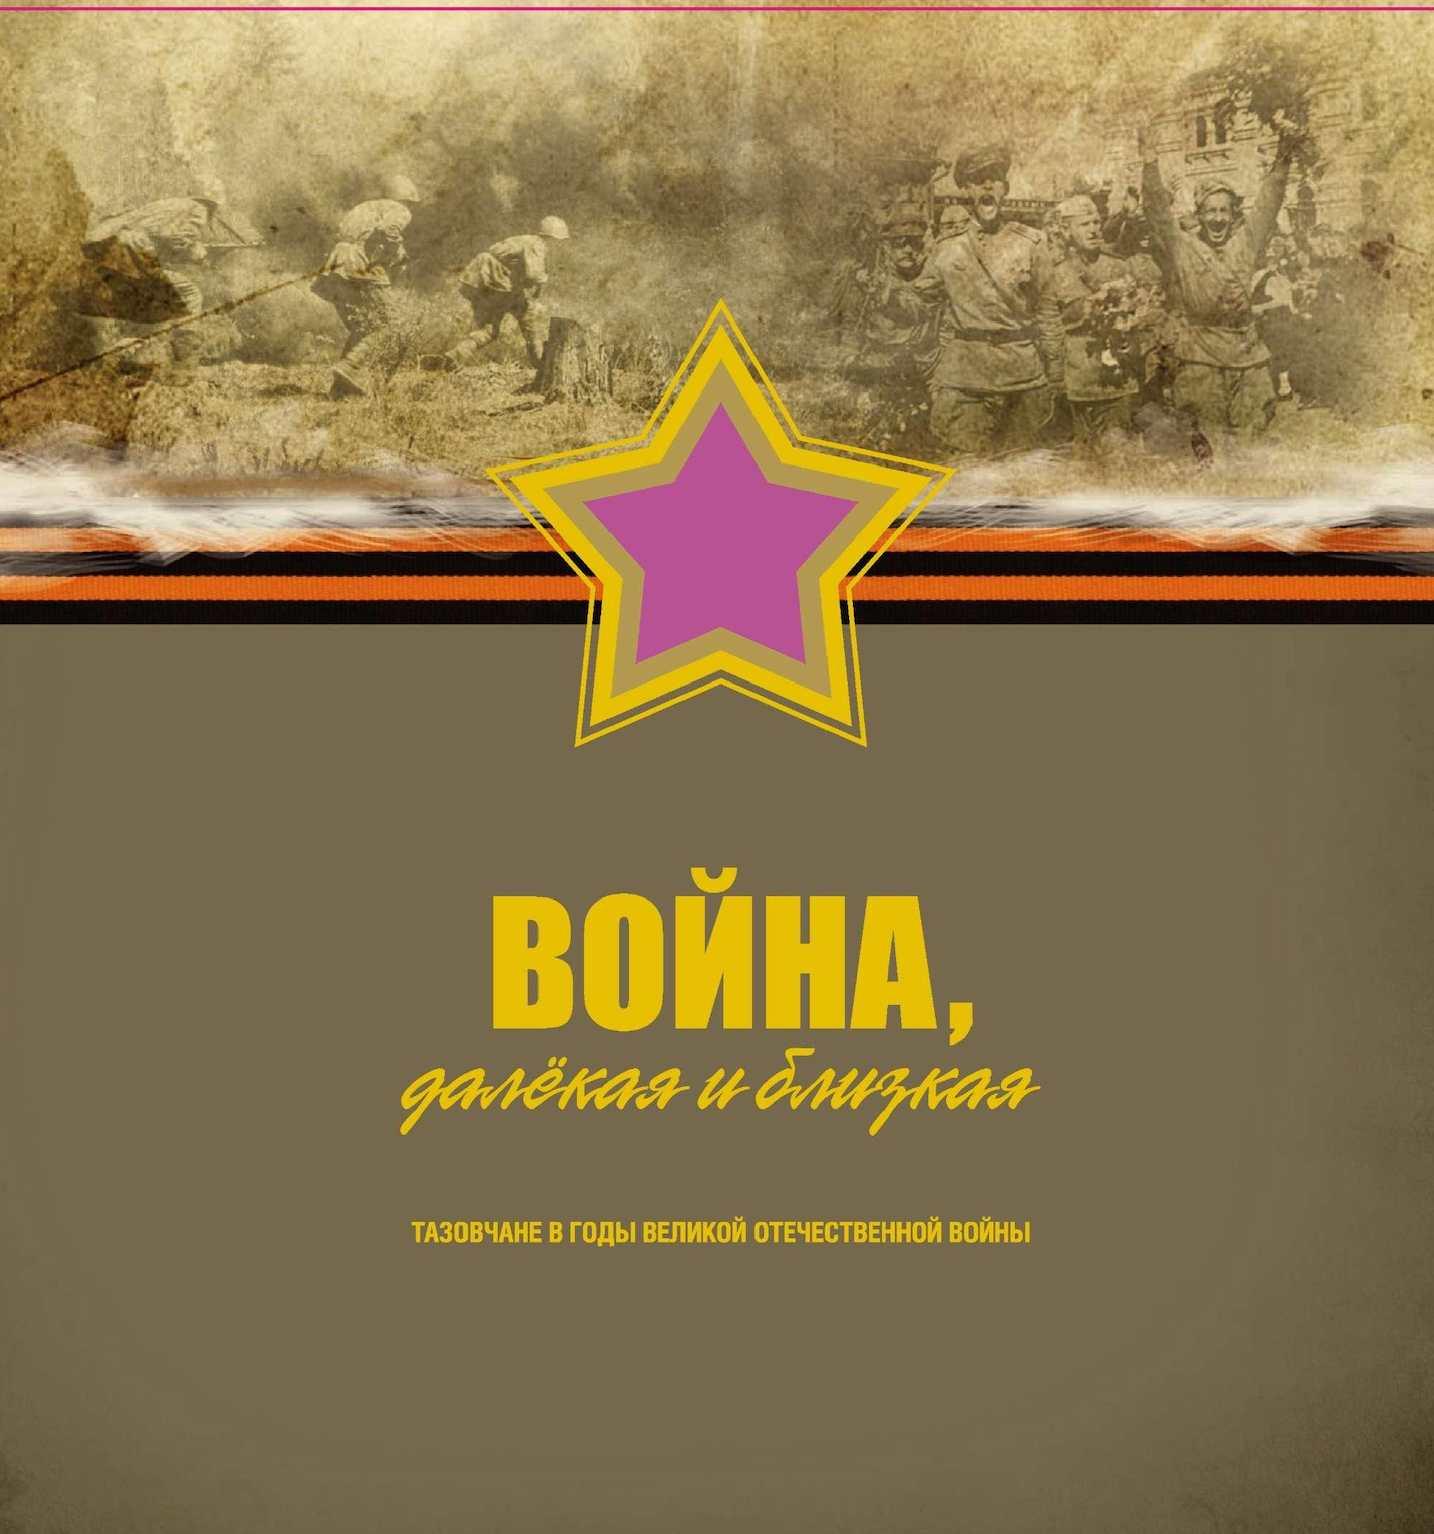 Играть в вулкан Перемышль установить Приложение вулкан Новочеркасс загрузить